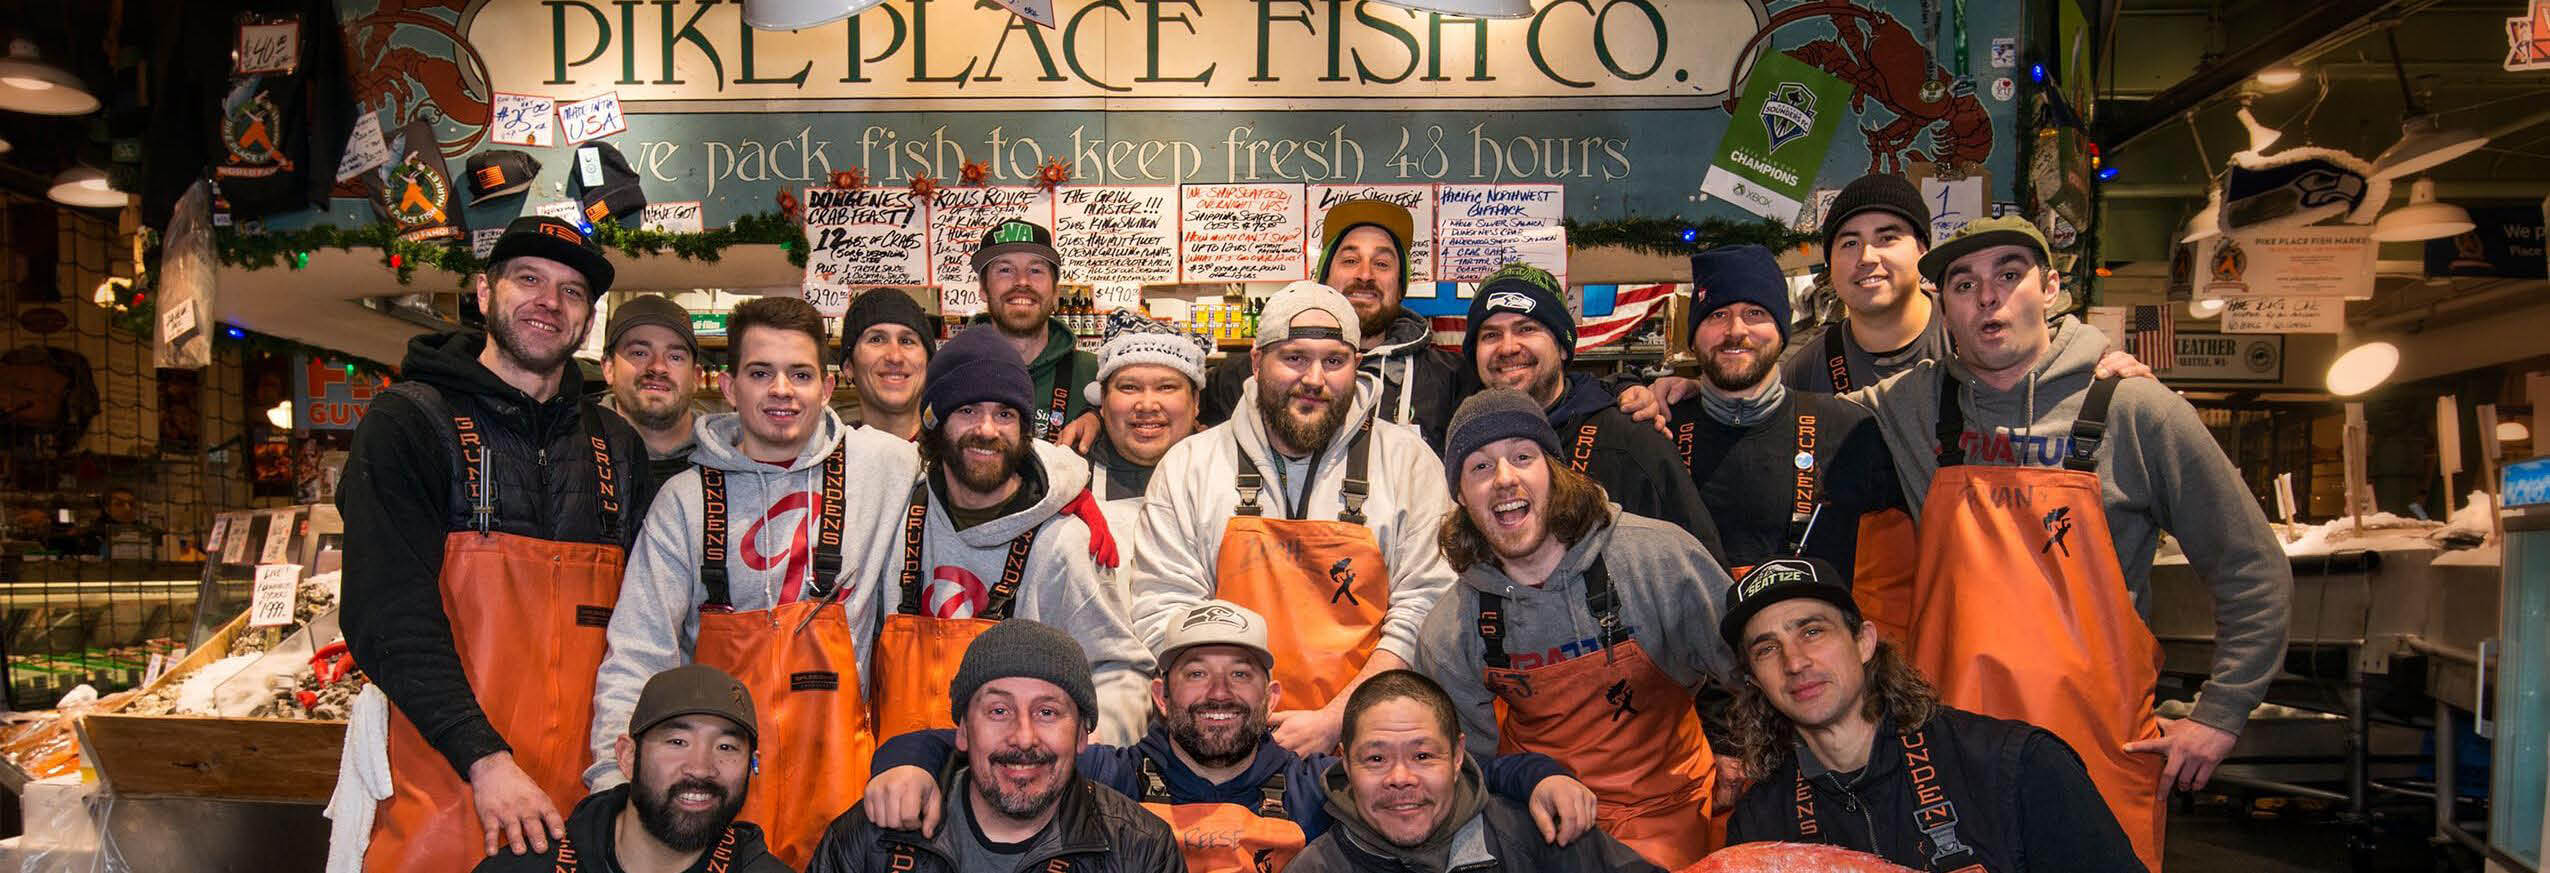 Pike Place Fish Market main banner image - Seattle, WA